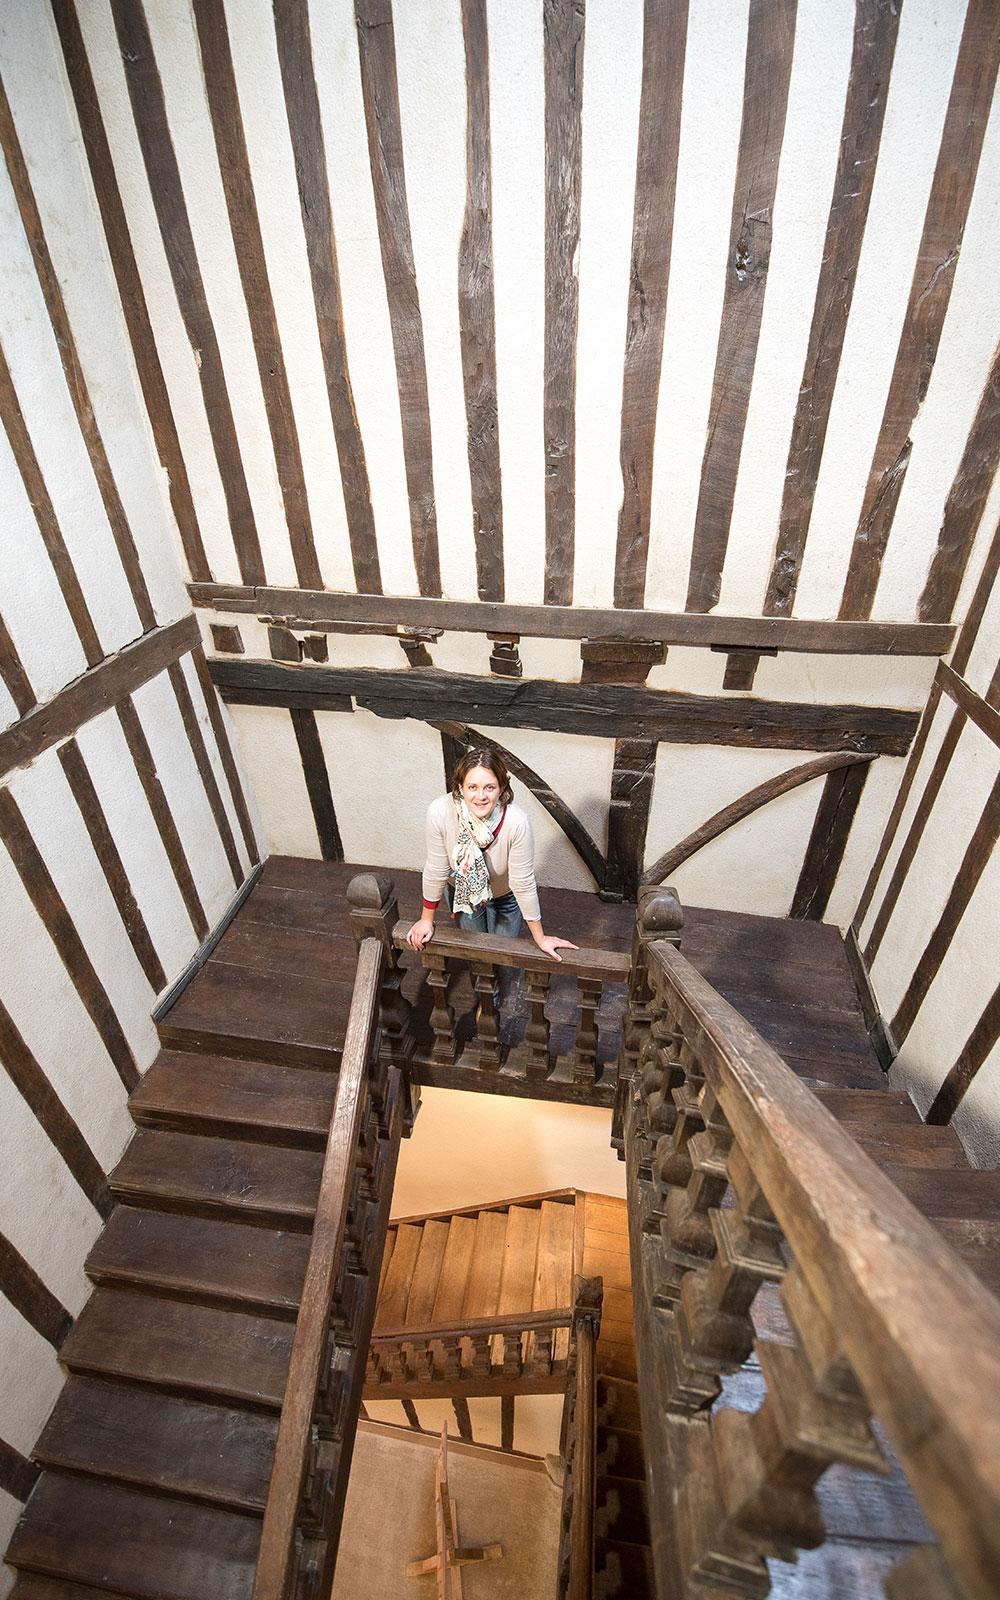 L'escalier avec elodie lang